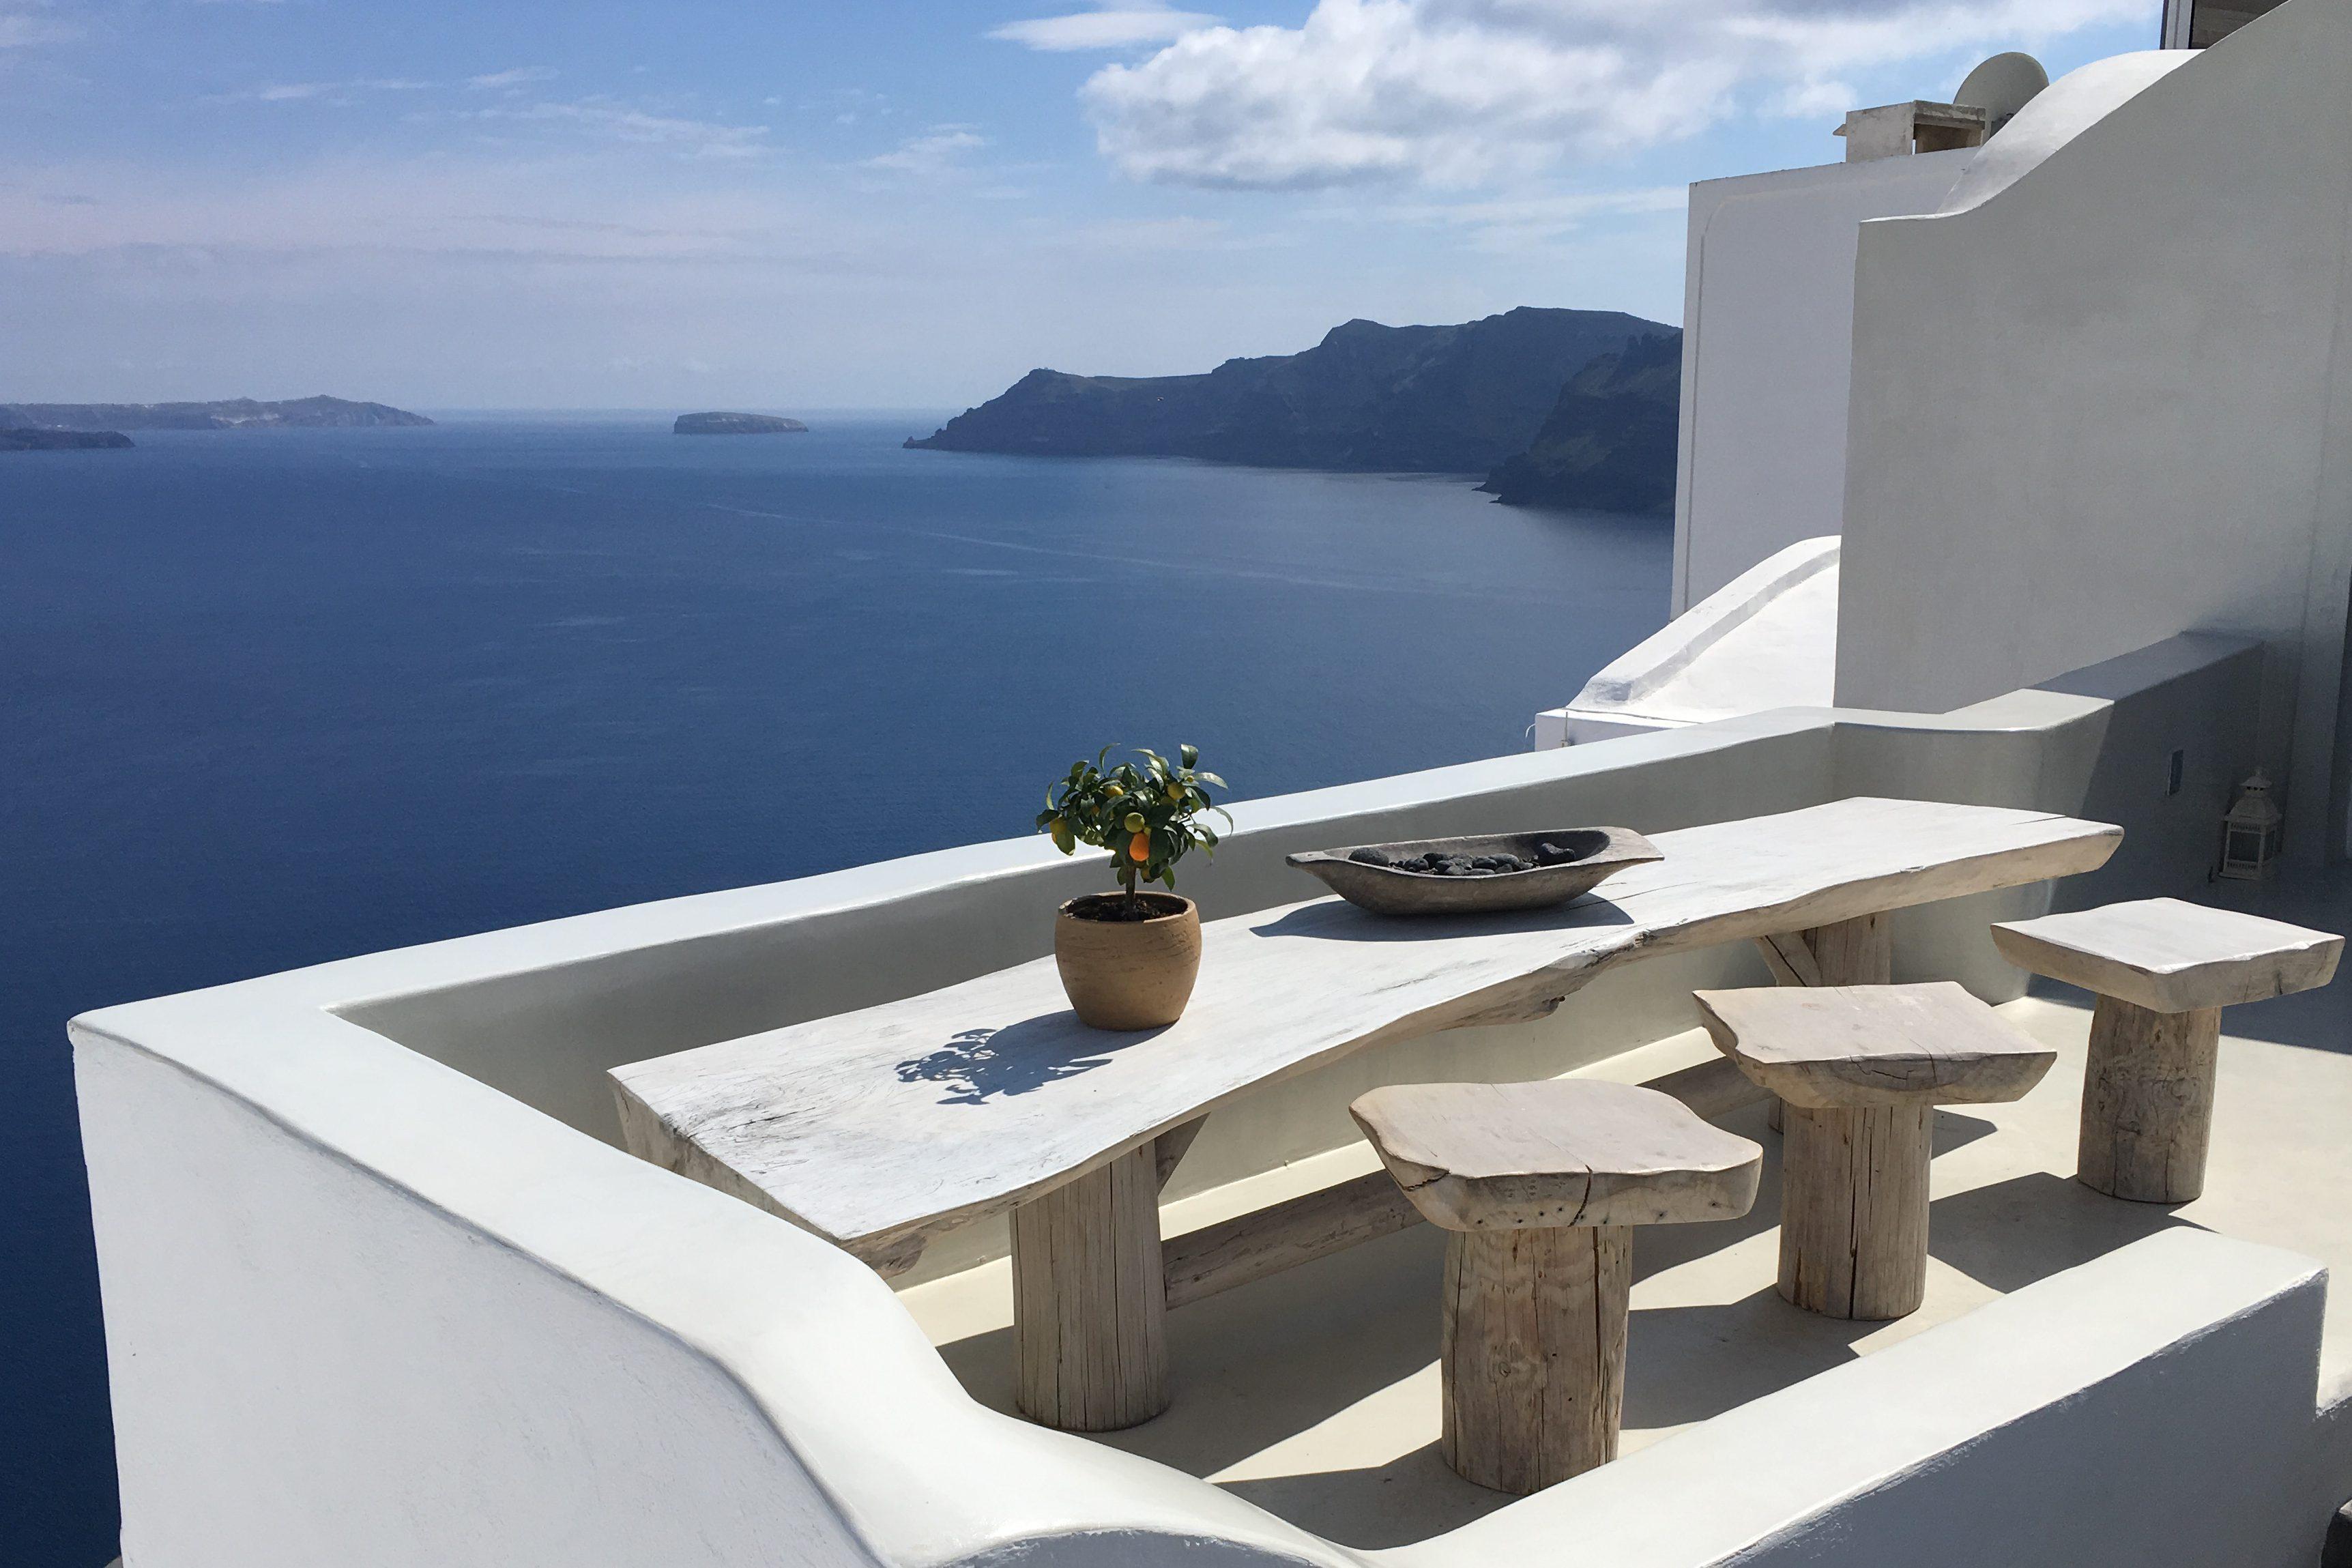 santorini-simbolo-grecia